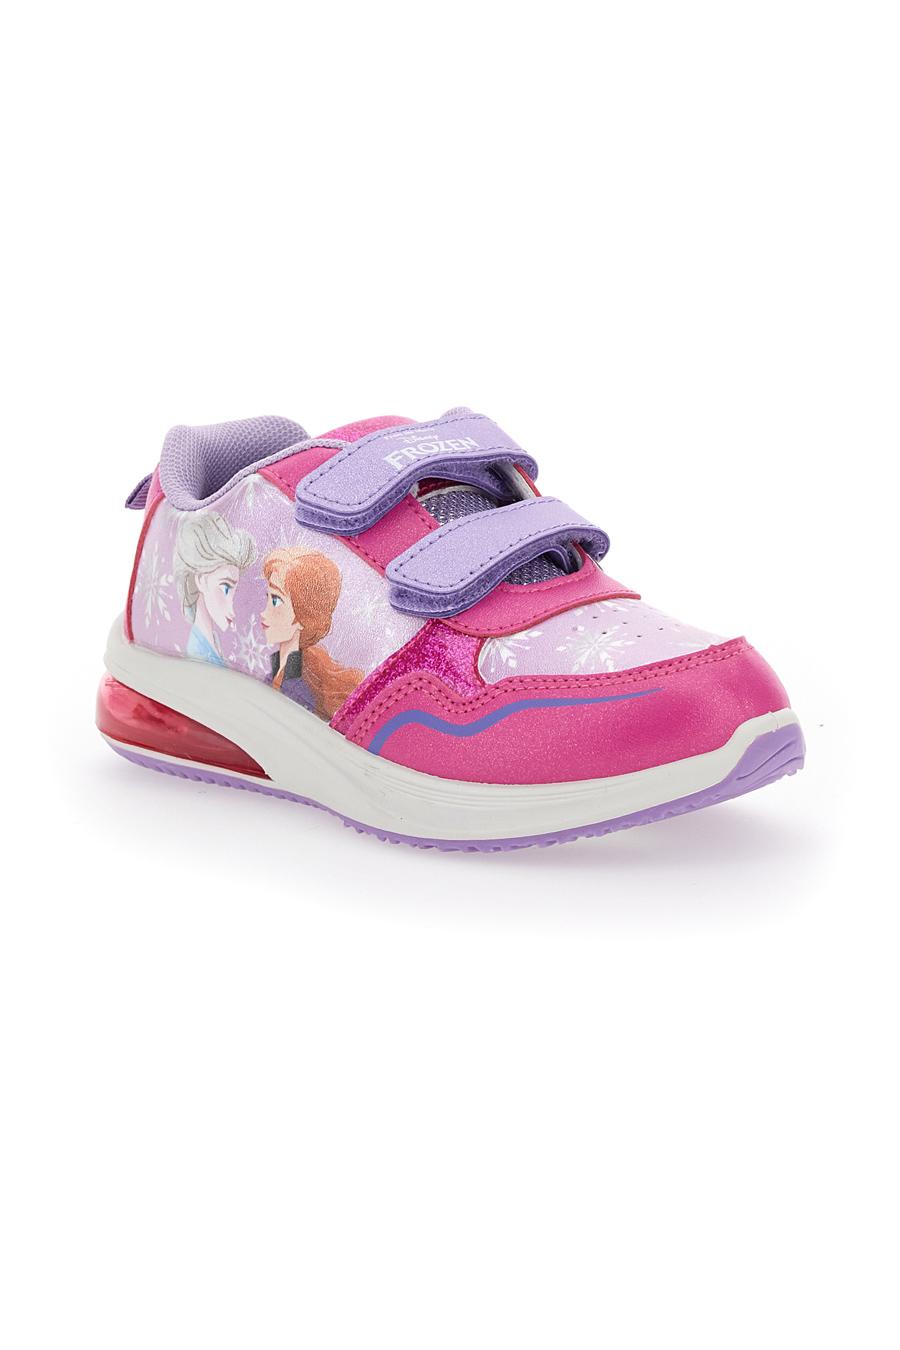 SNEAKERS bambina rosa DISNEY 310227   Pittarello